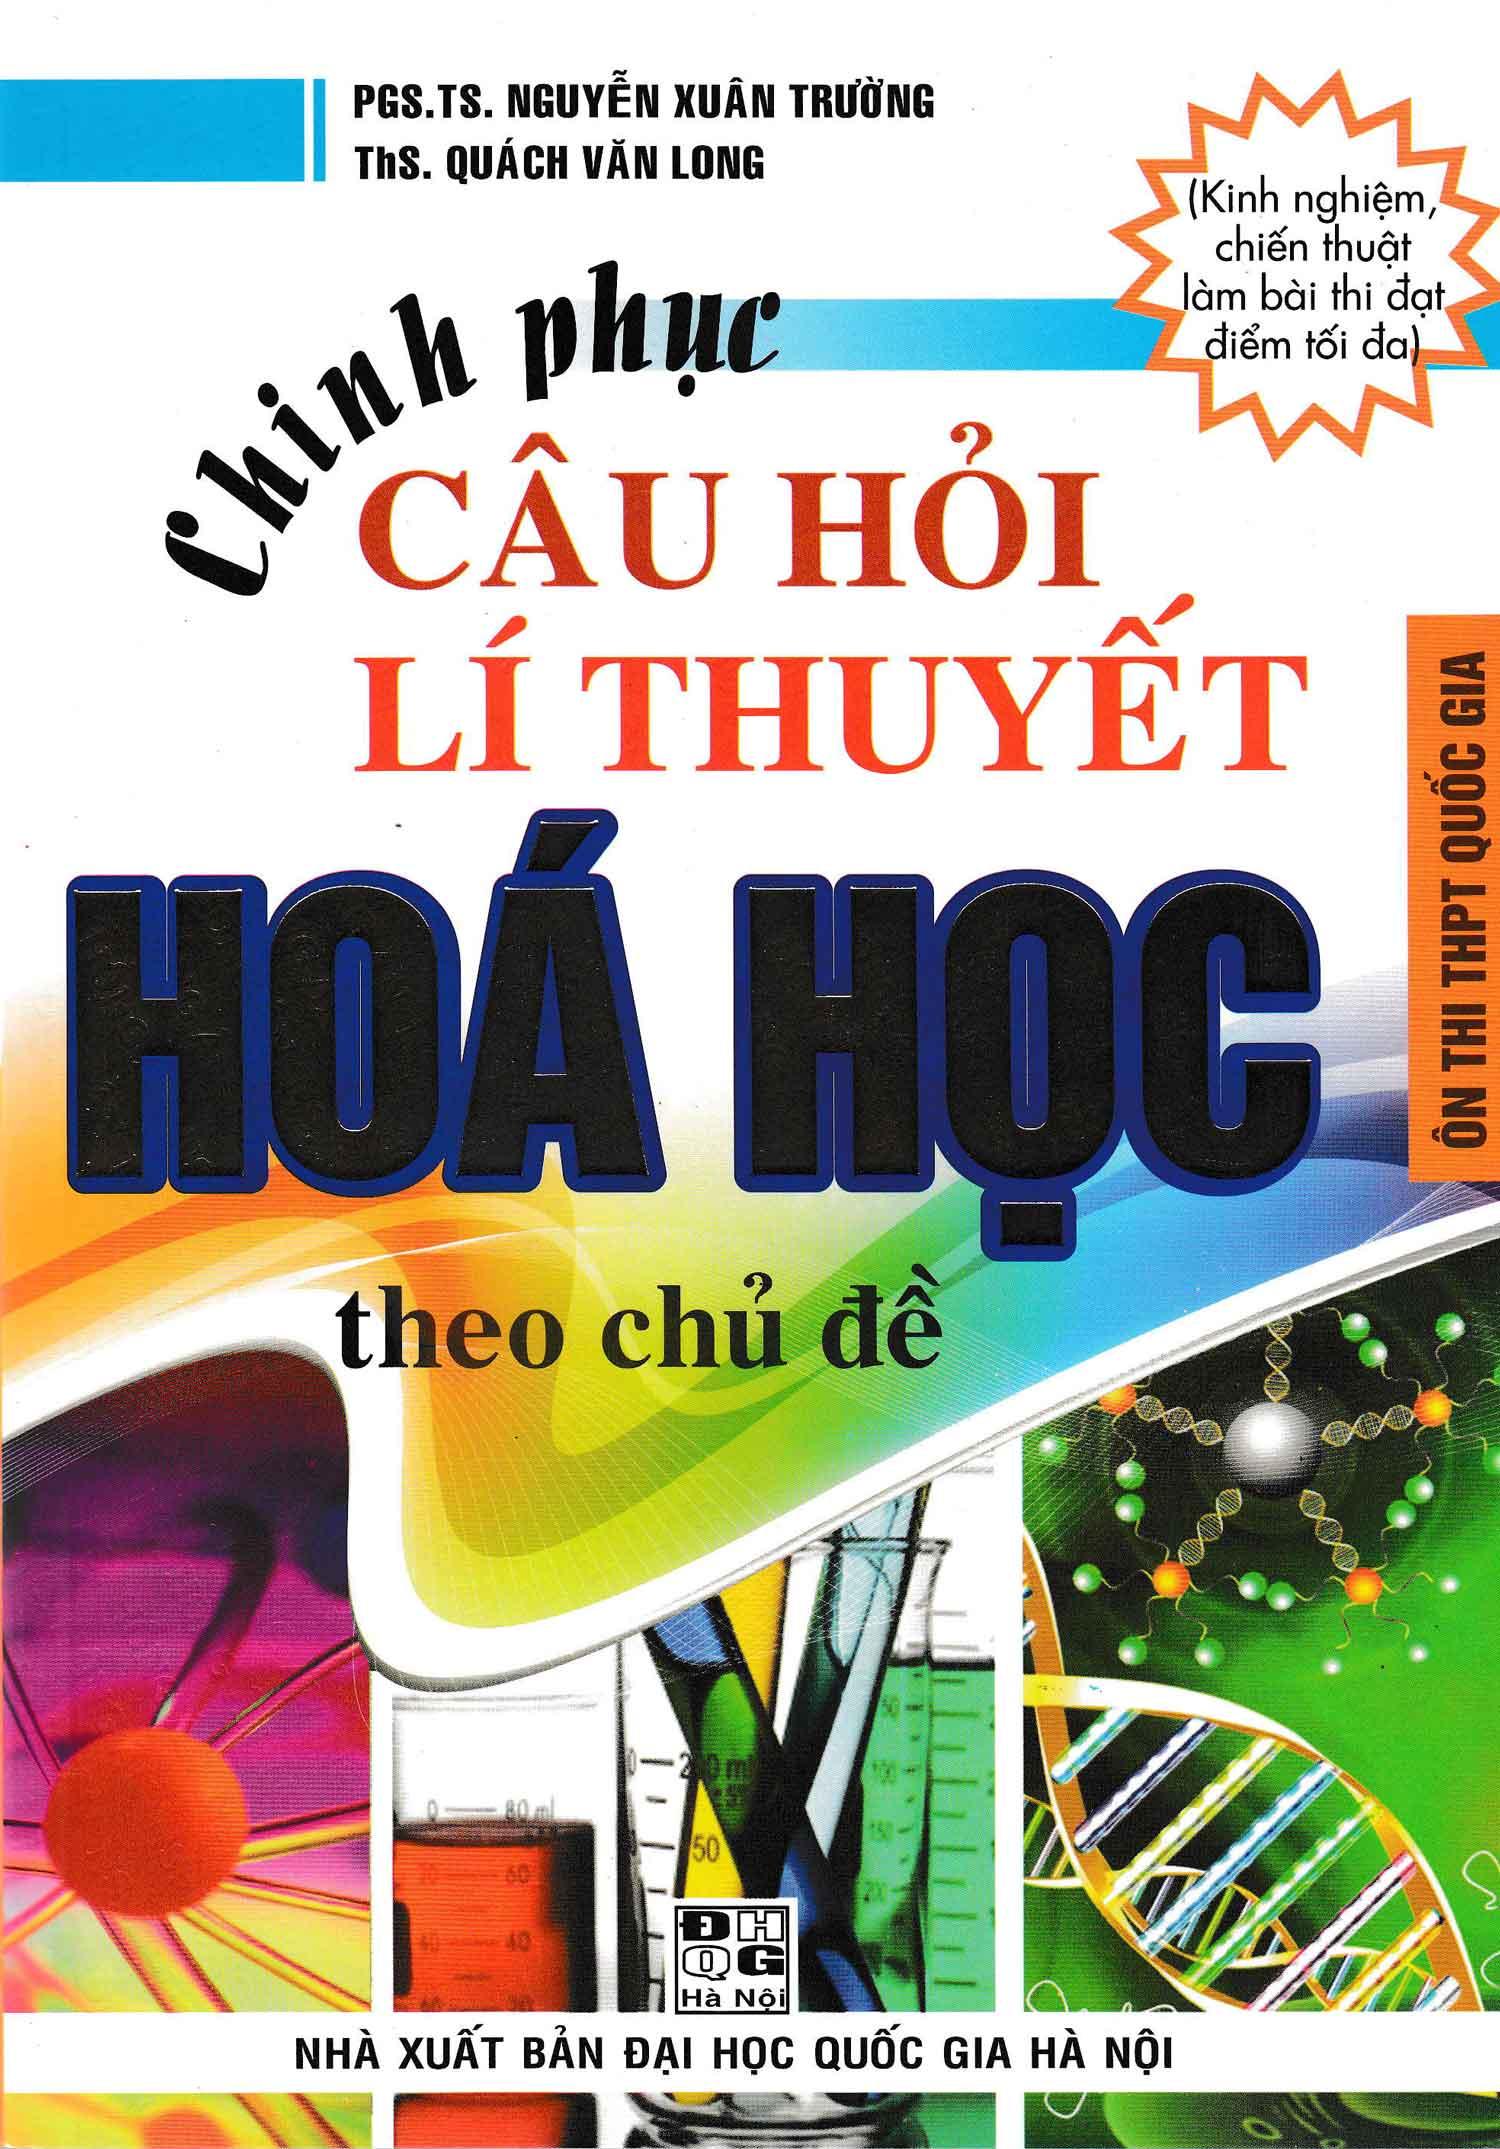 chinhphuccauhoilythuyethoahoc0